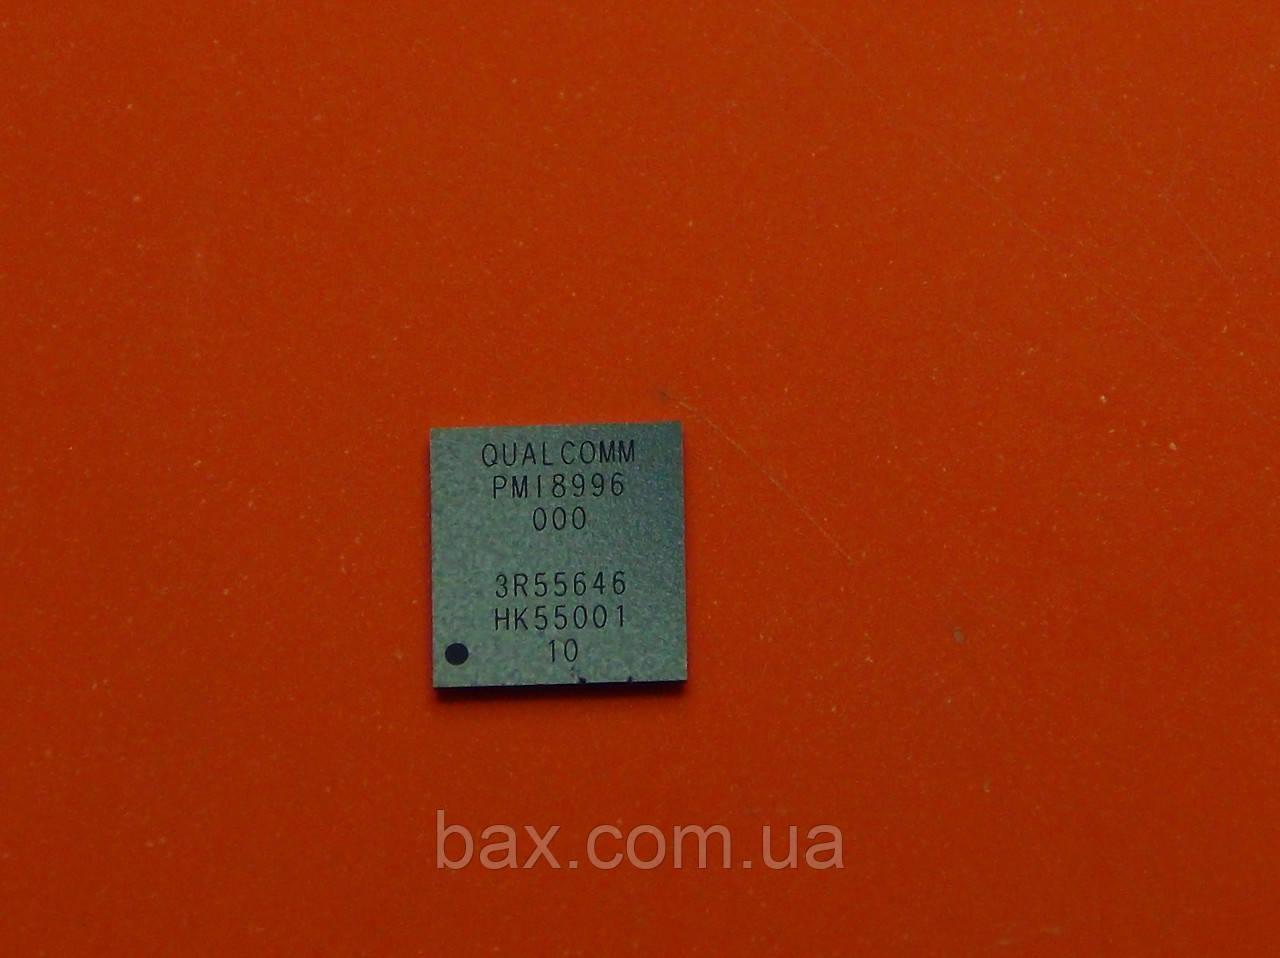 Микросхема контроллер питания PMi8996 Новый в упаковке